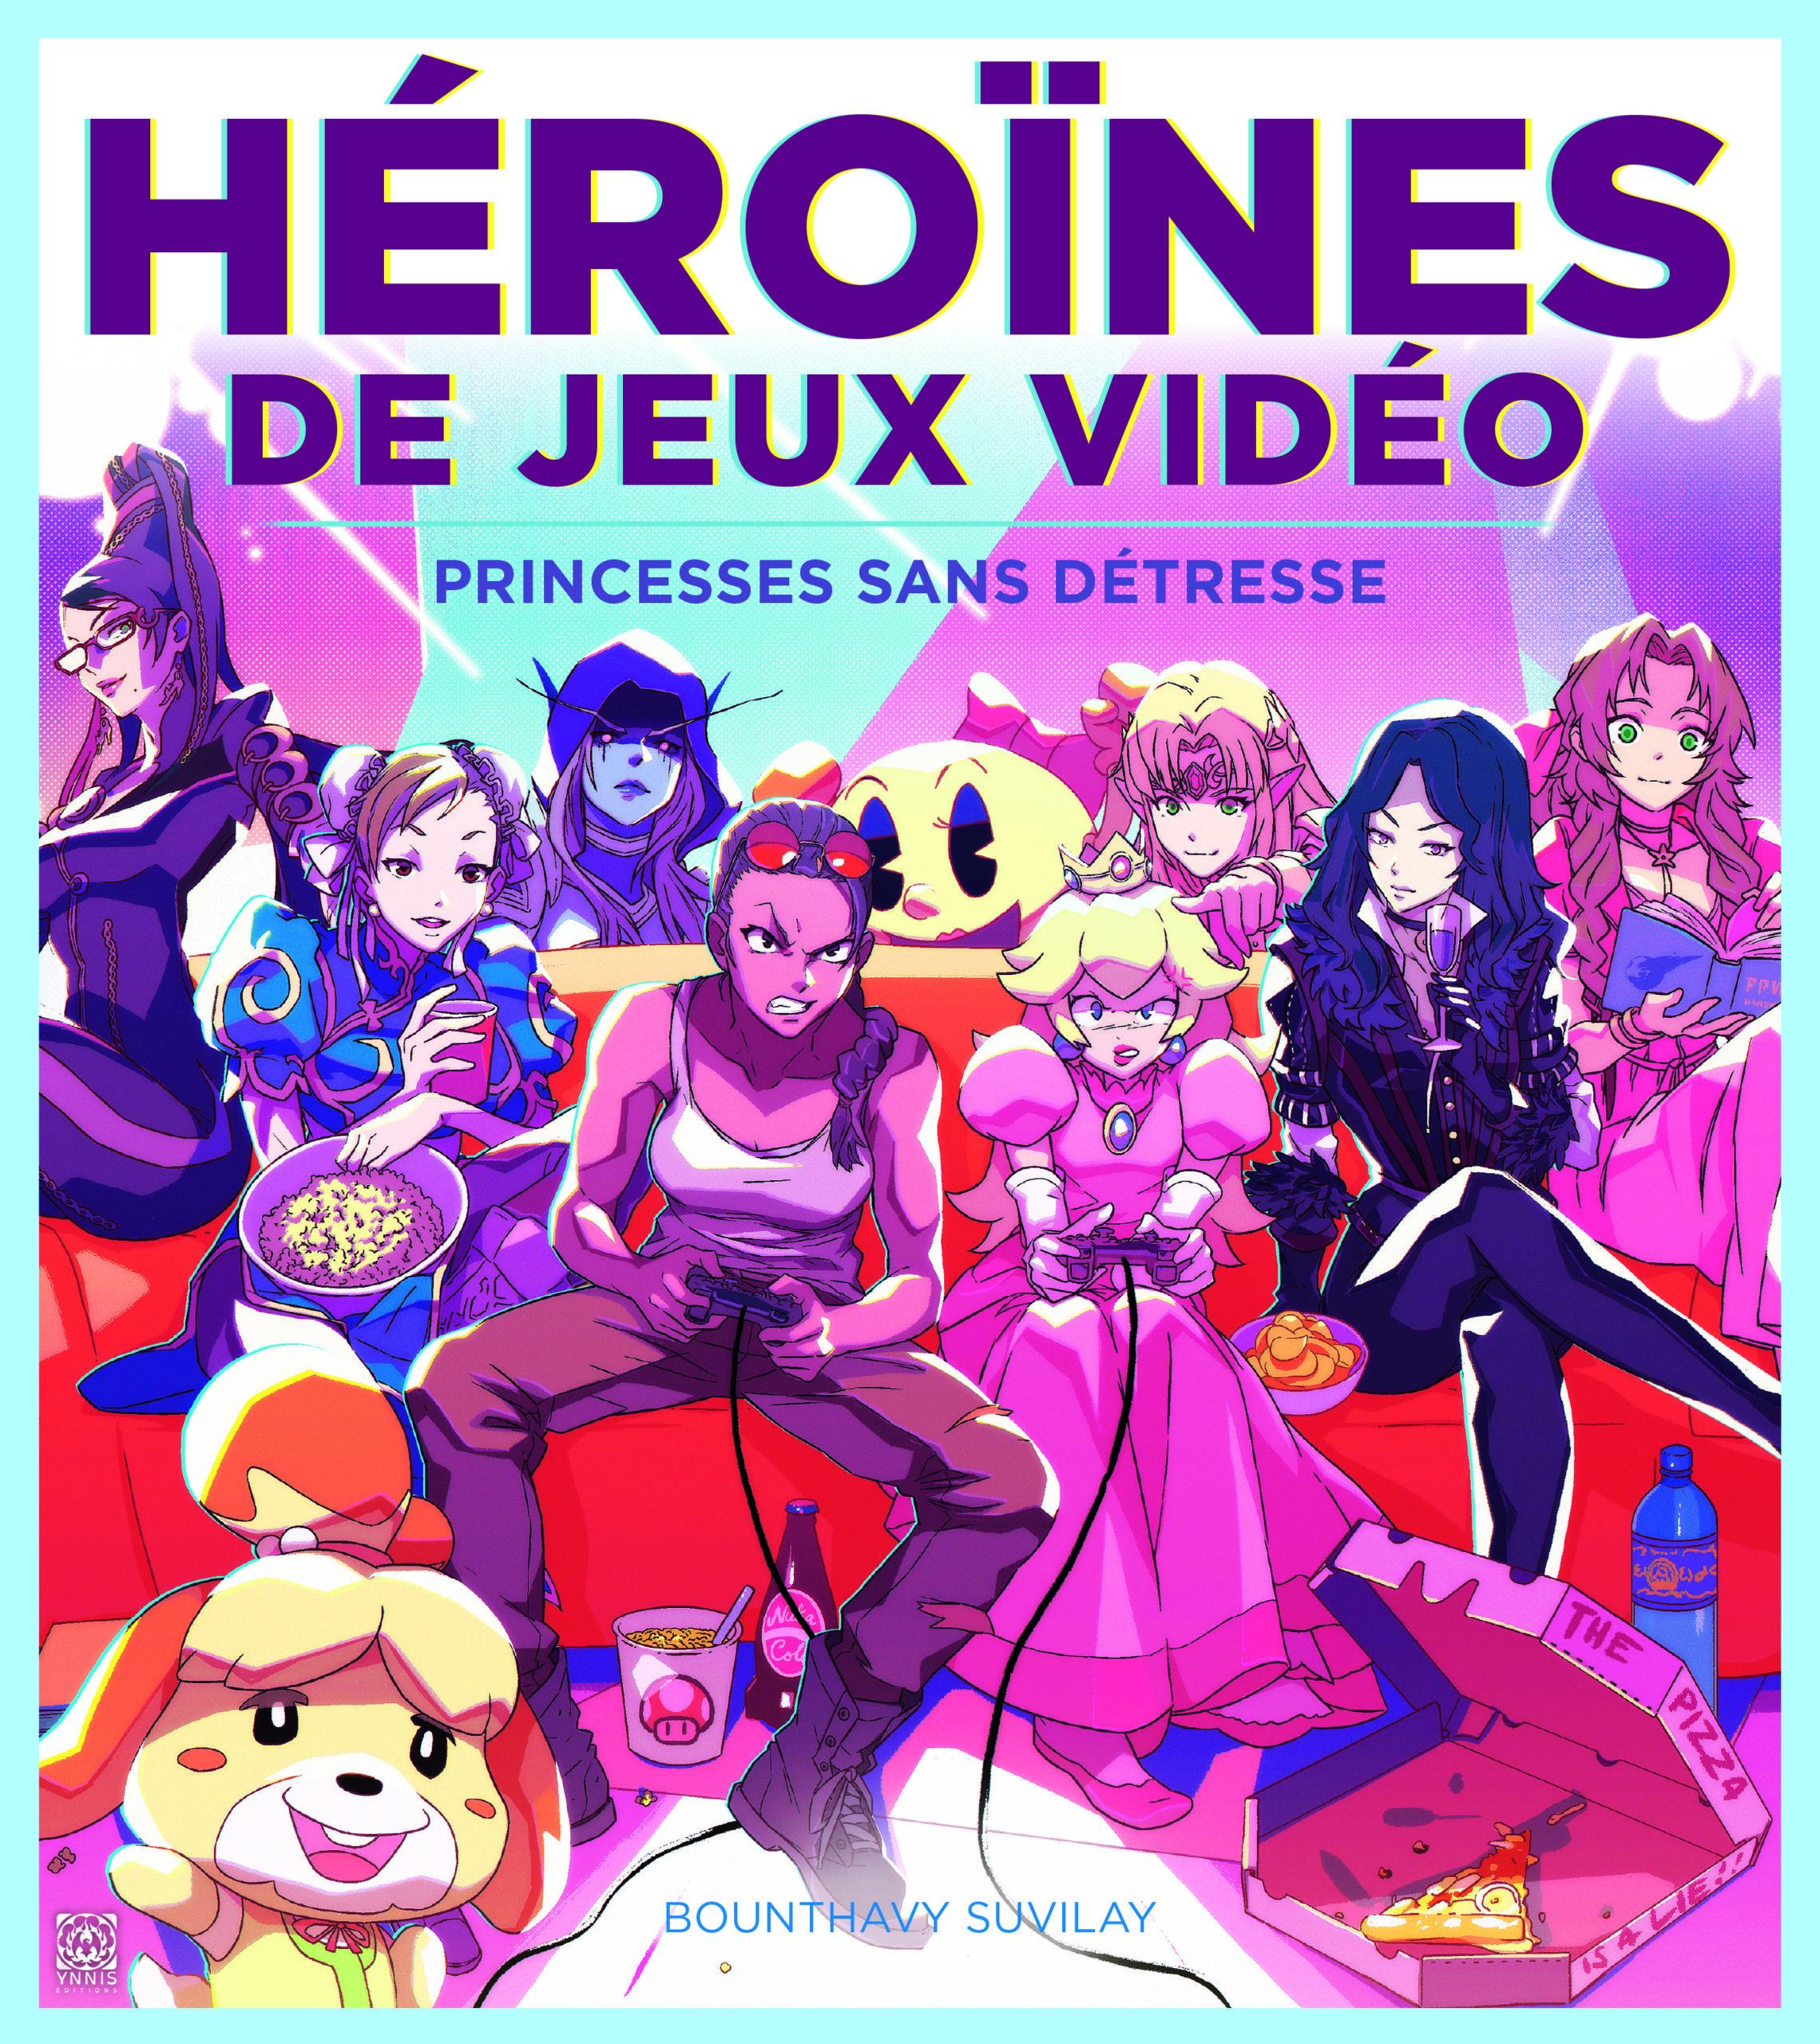 heroines_de_jeux_video_C1